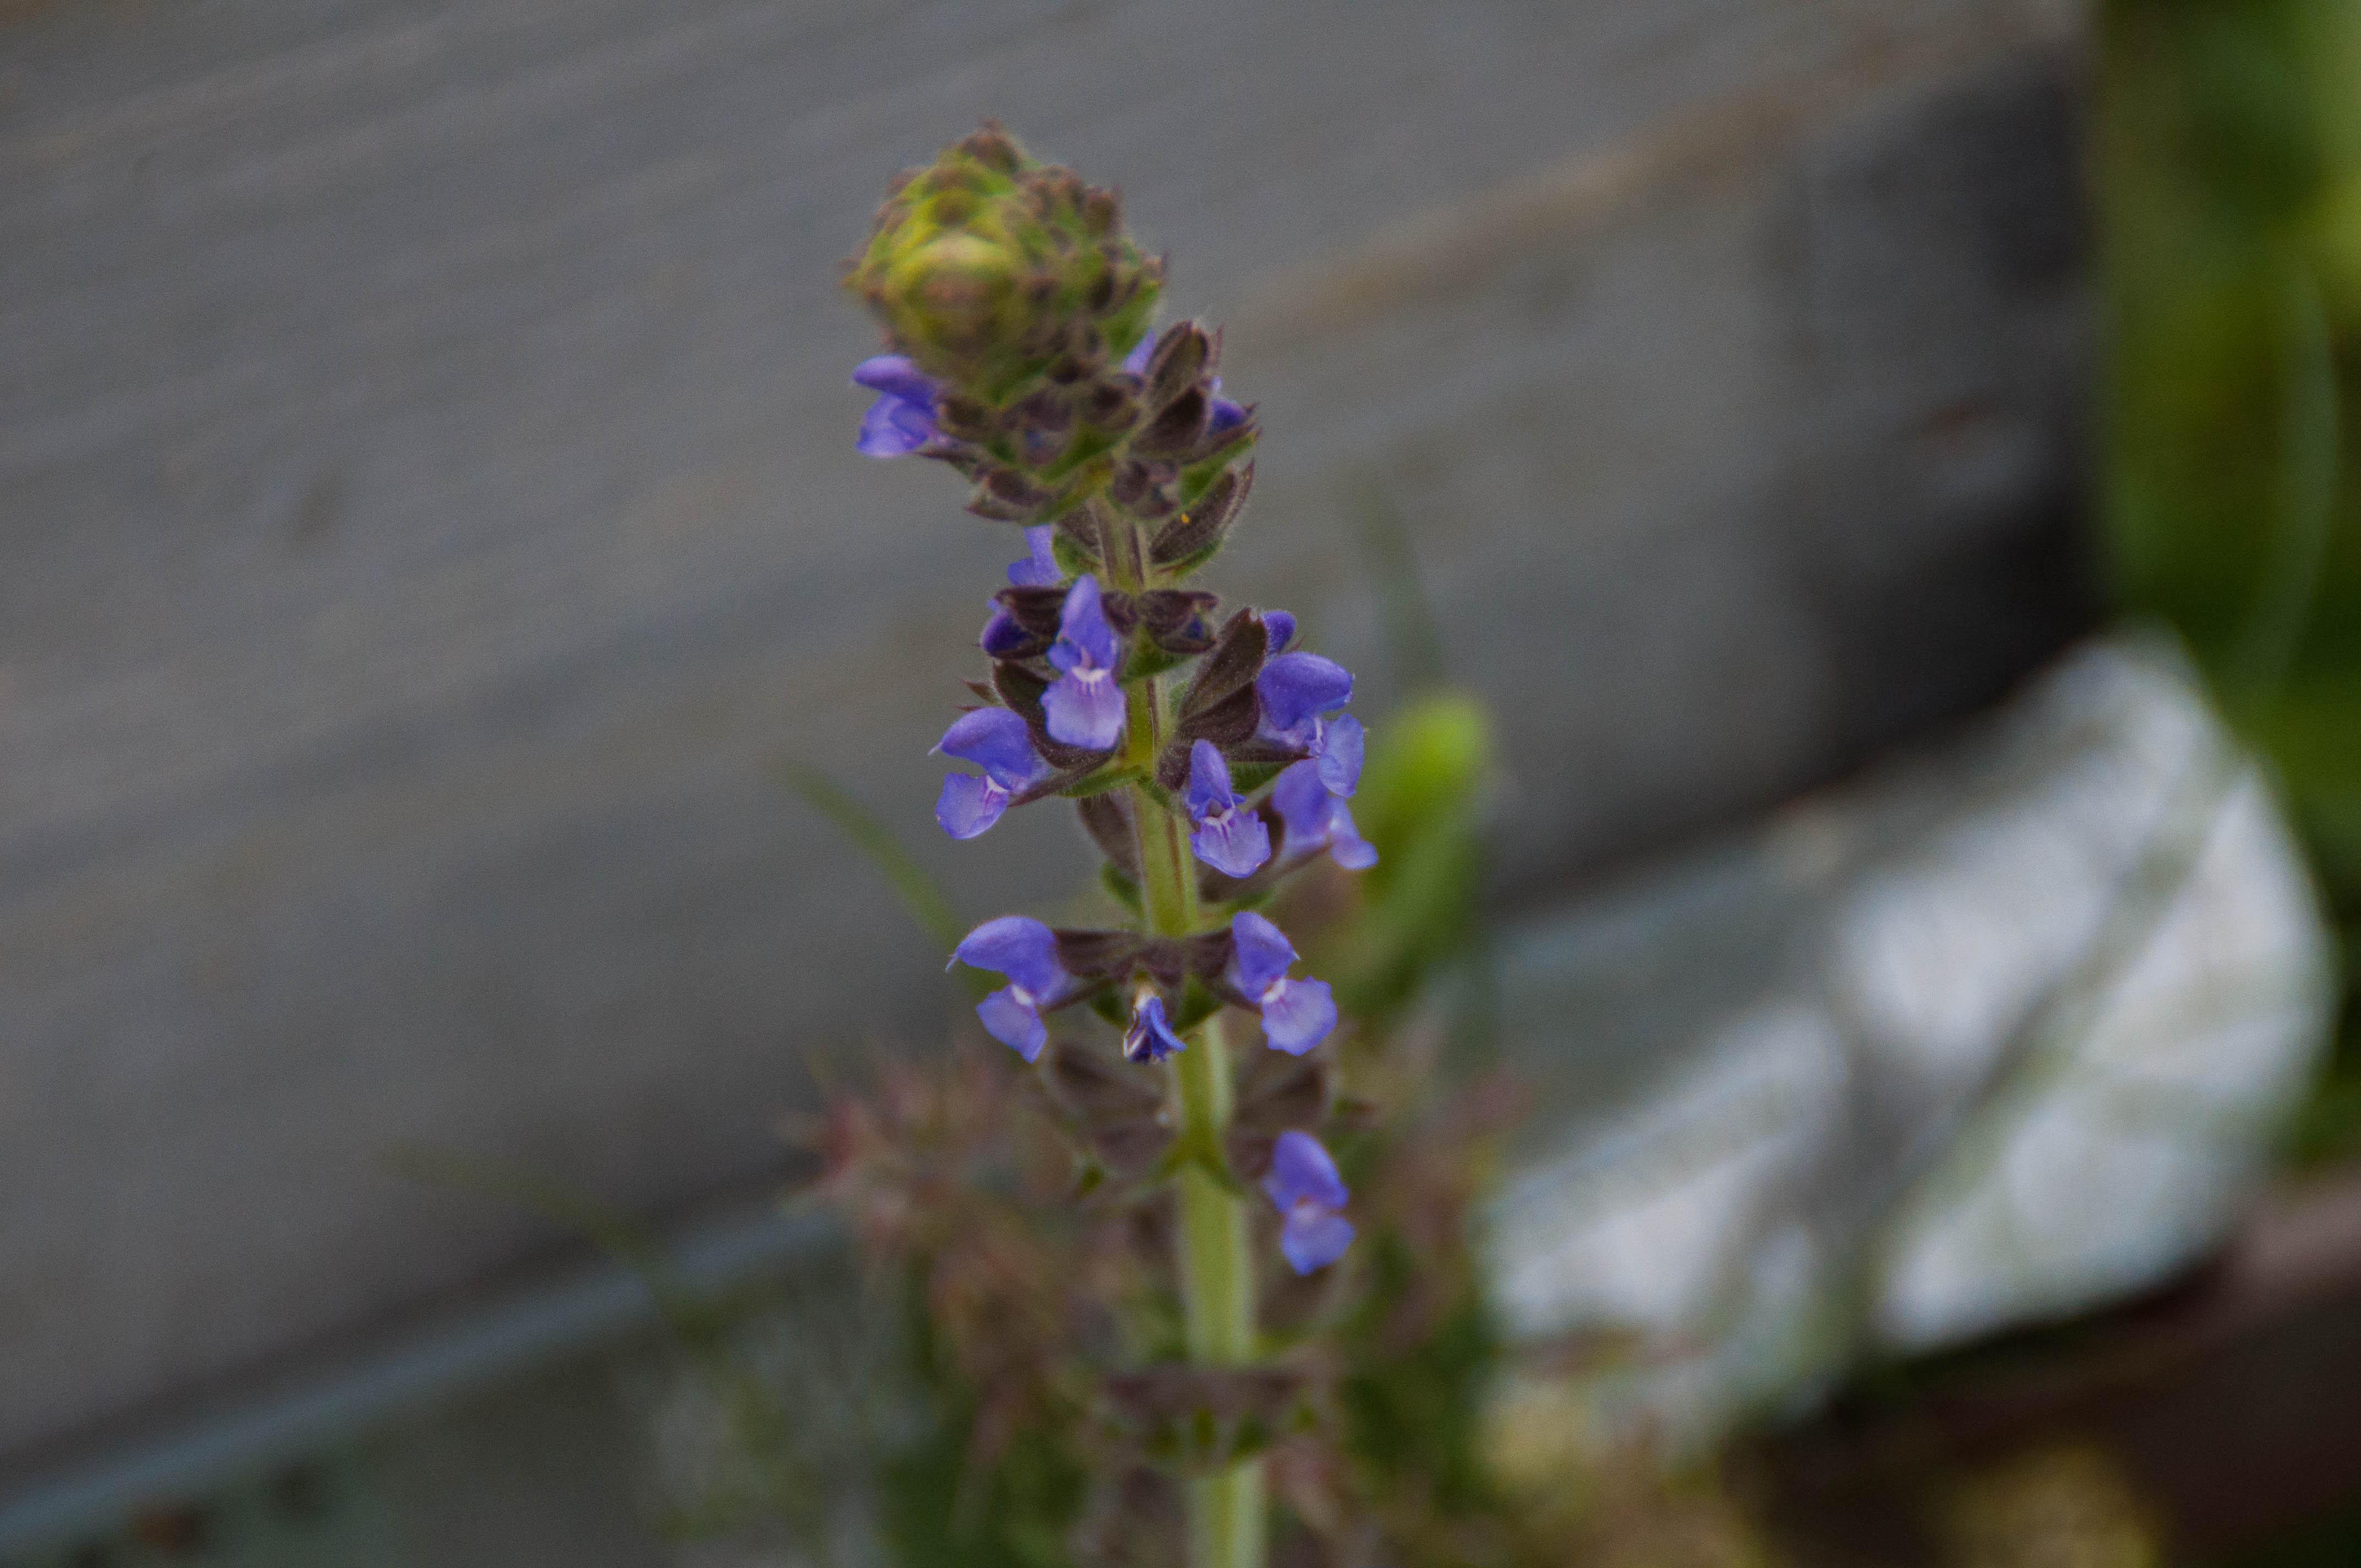 flor Salvia Las obreras de Aliste Artesanos de la miel zamora spain